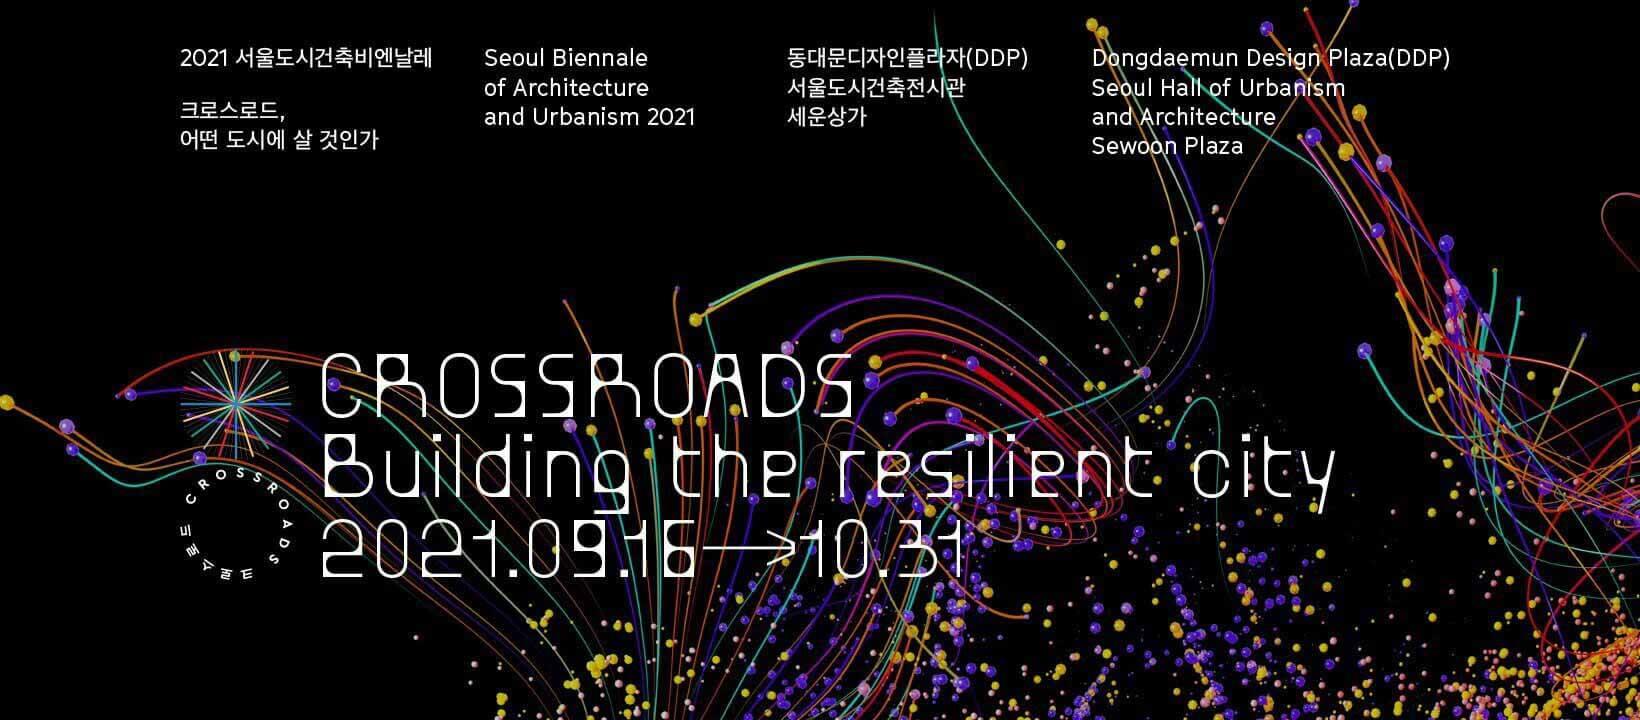 Сеульская биеннале архитектуры и урбанизма 2021 года дебютирует 16 сентября в отсутствие куратора Доминика Перро